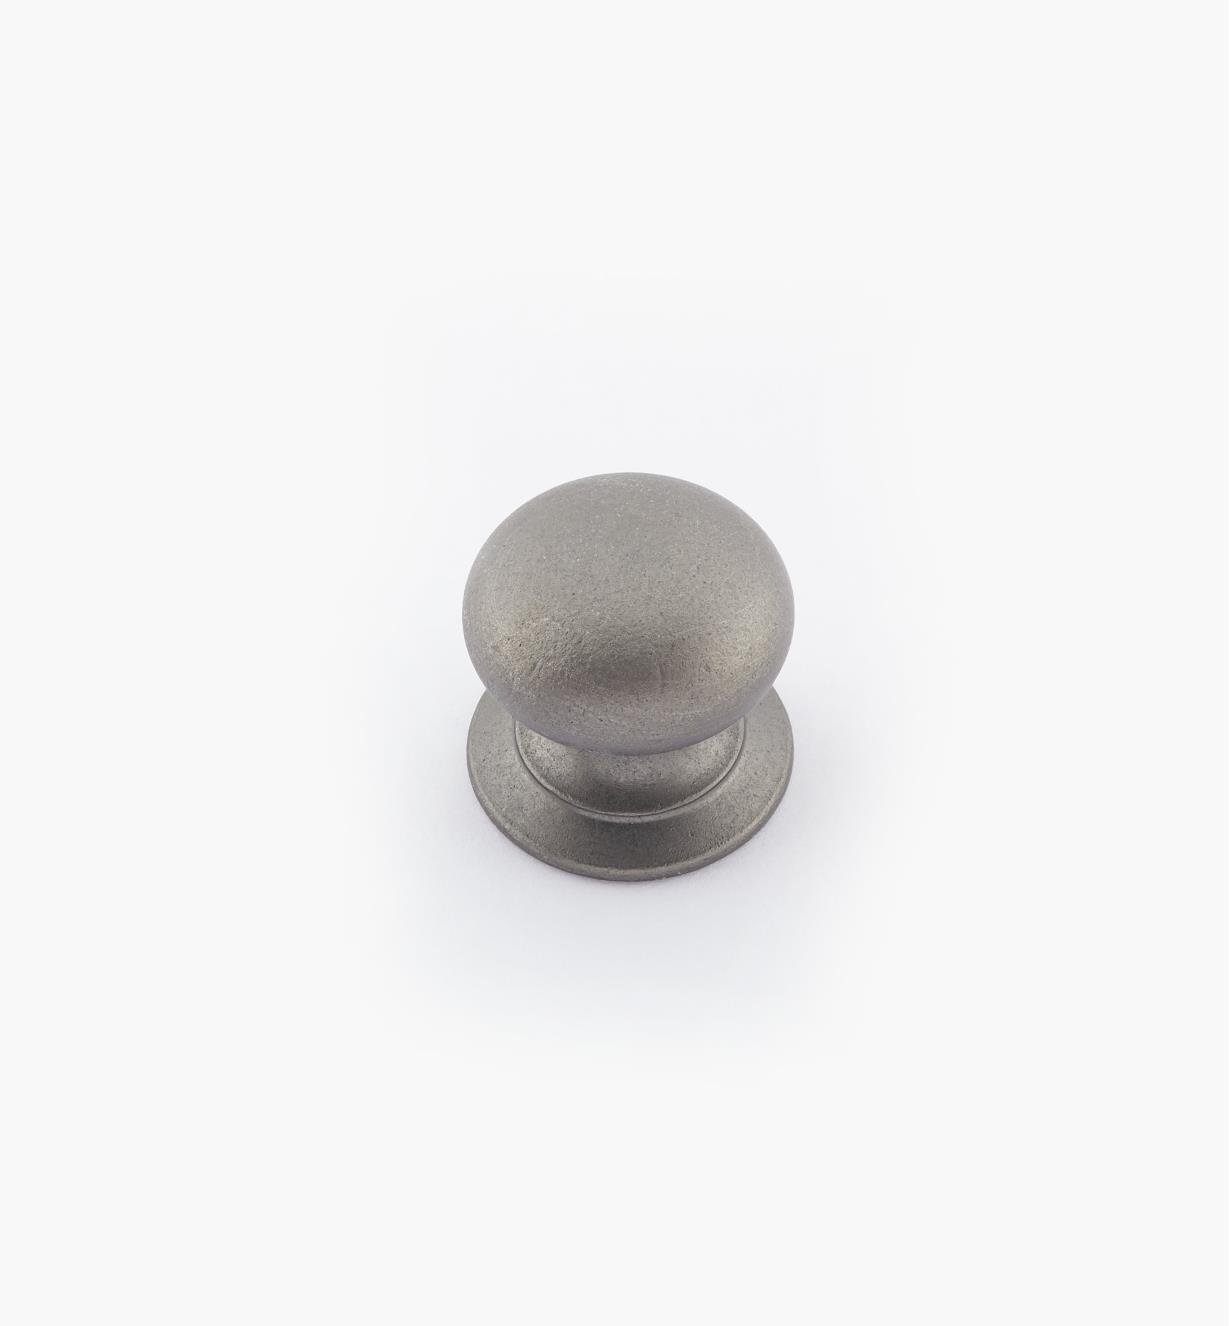 02W2766 - Bouton rond de 5/8 po x 5/8 po, série Étain, laiton